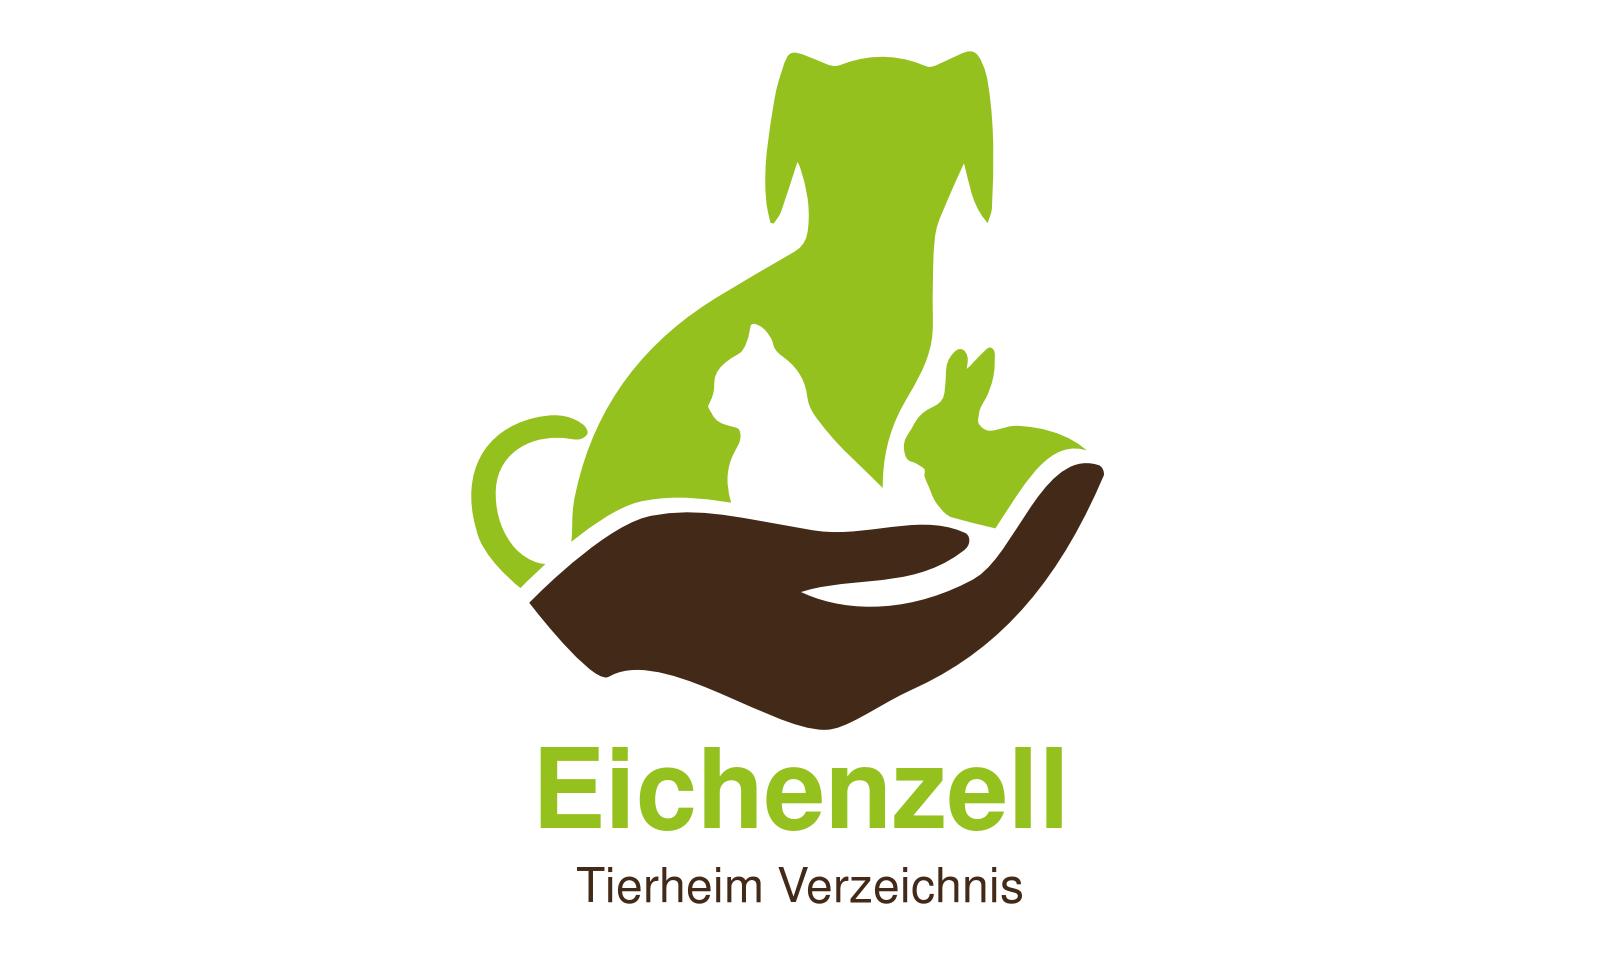 Tierheim Eichenzell